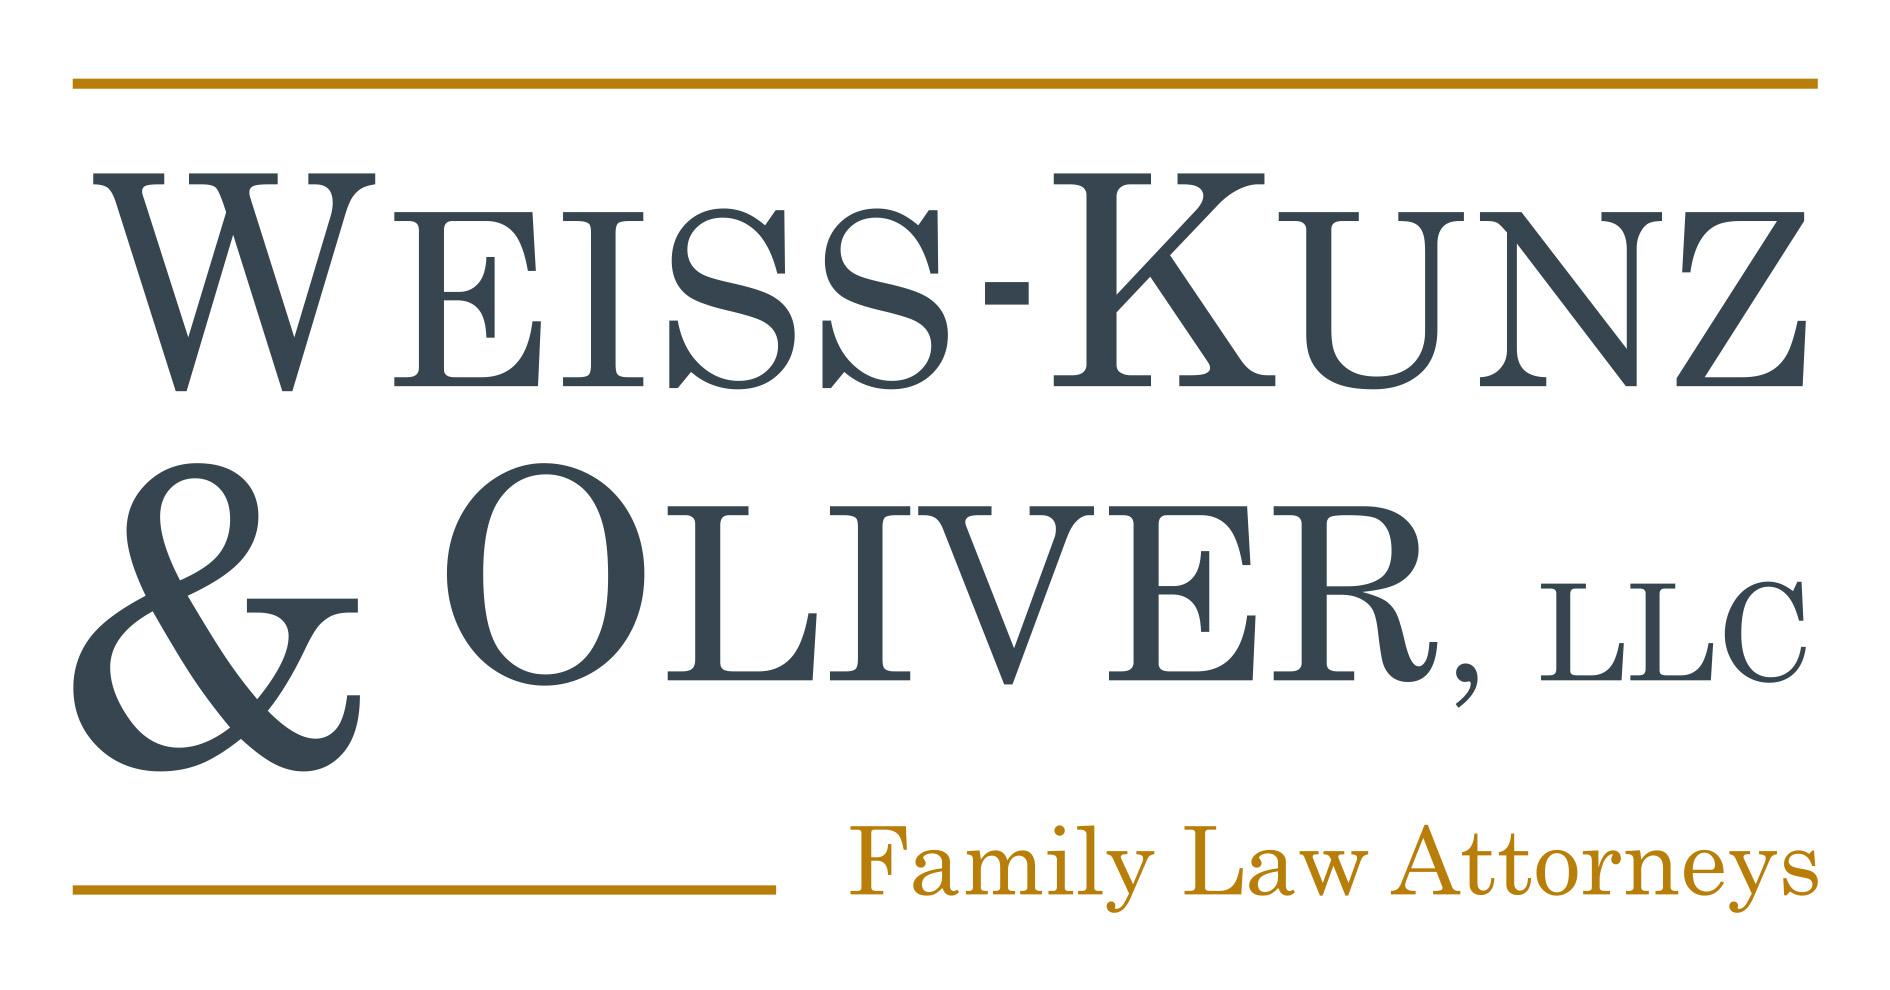 Weiss Kunz & Oliver, LLC